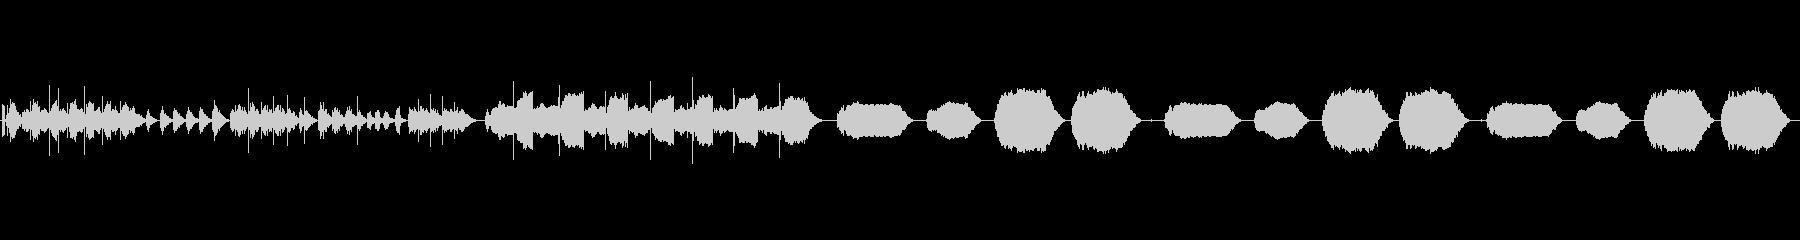 露出した自動ウィンドウモーターの未再生の波形